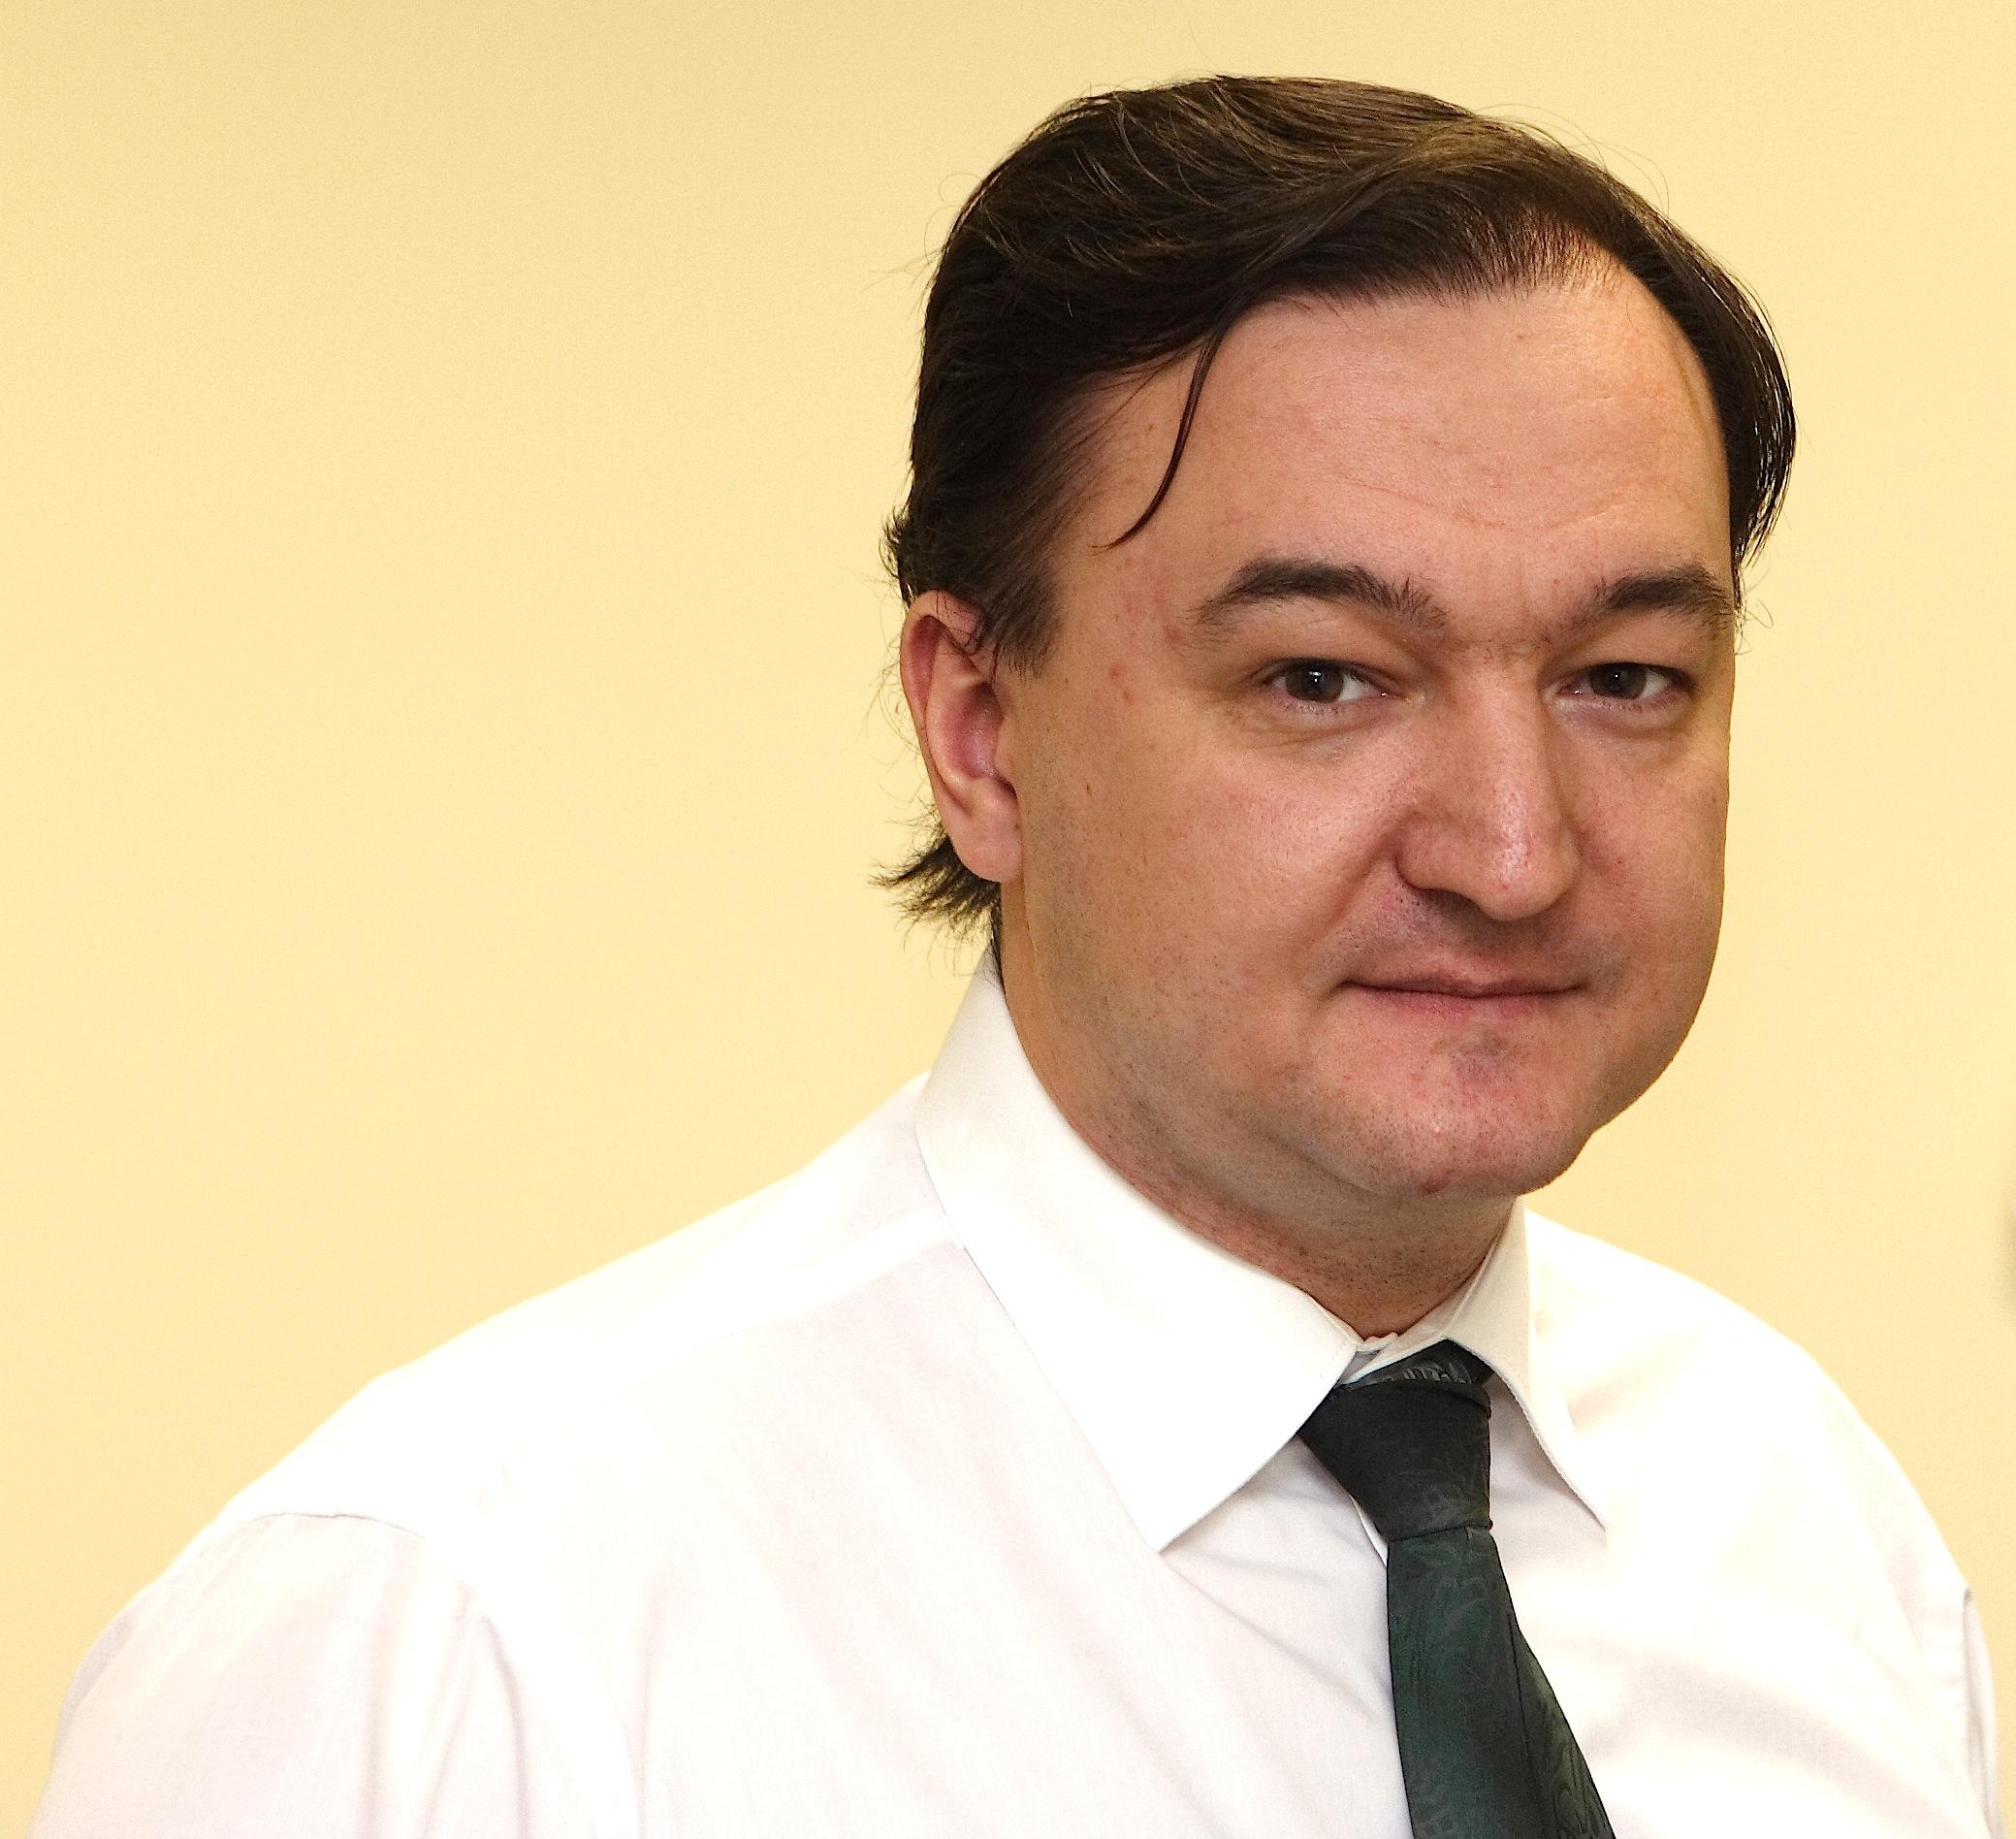 Sergei Leonidowitsch Magnizki (1972 - 2009)